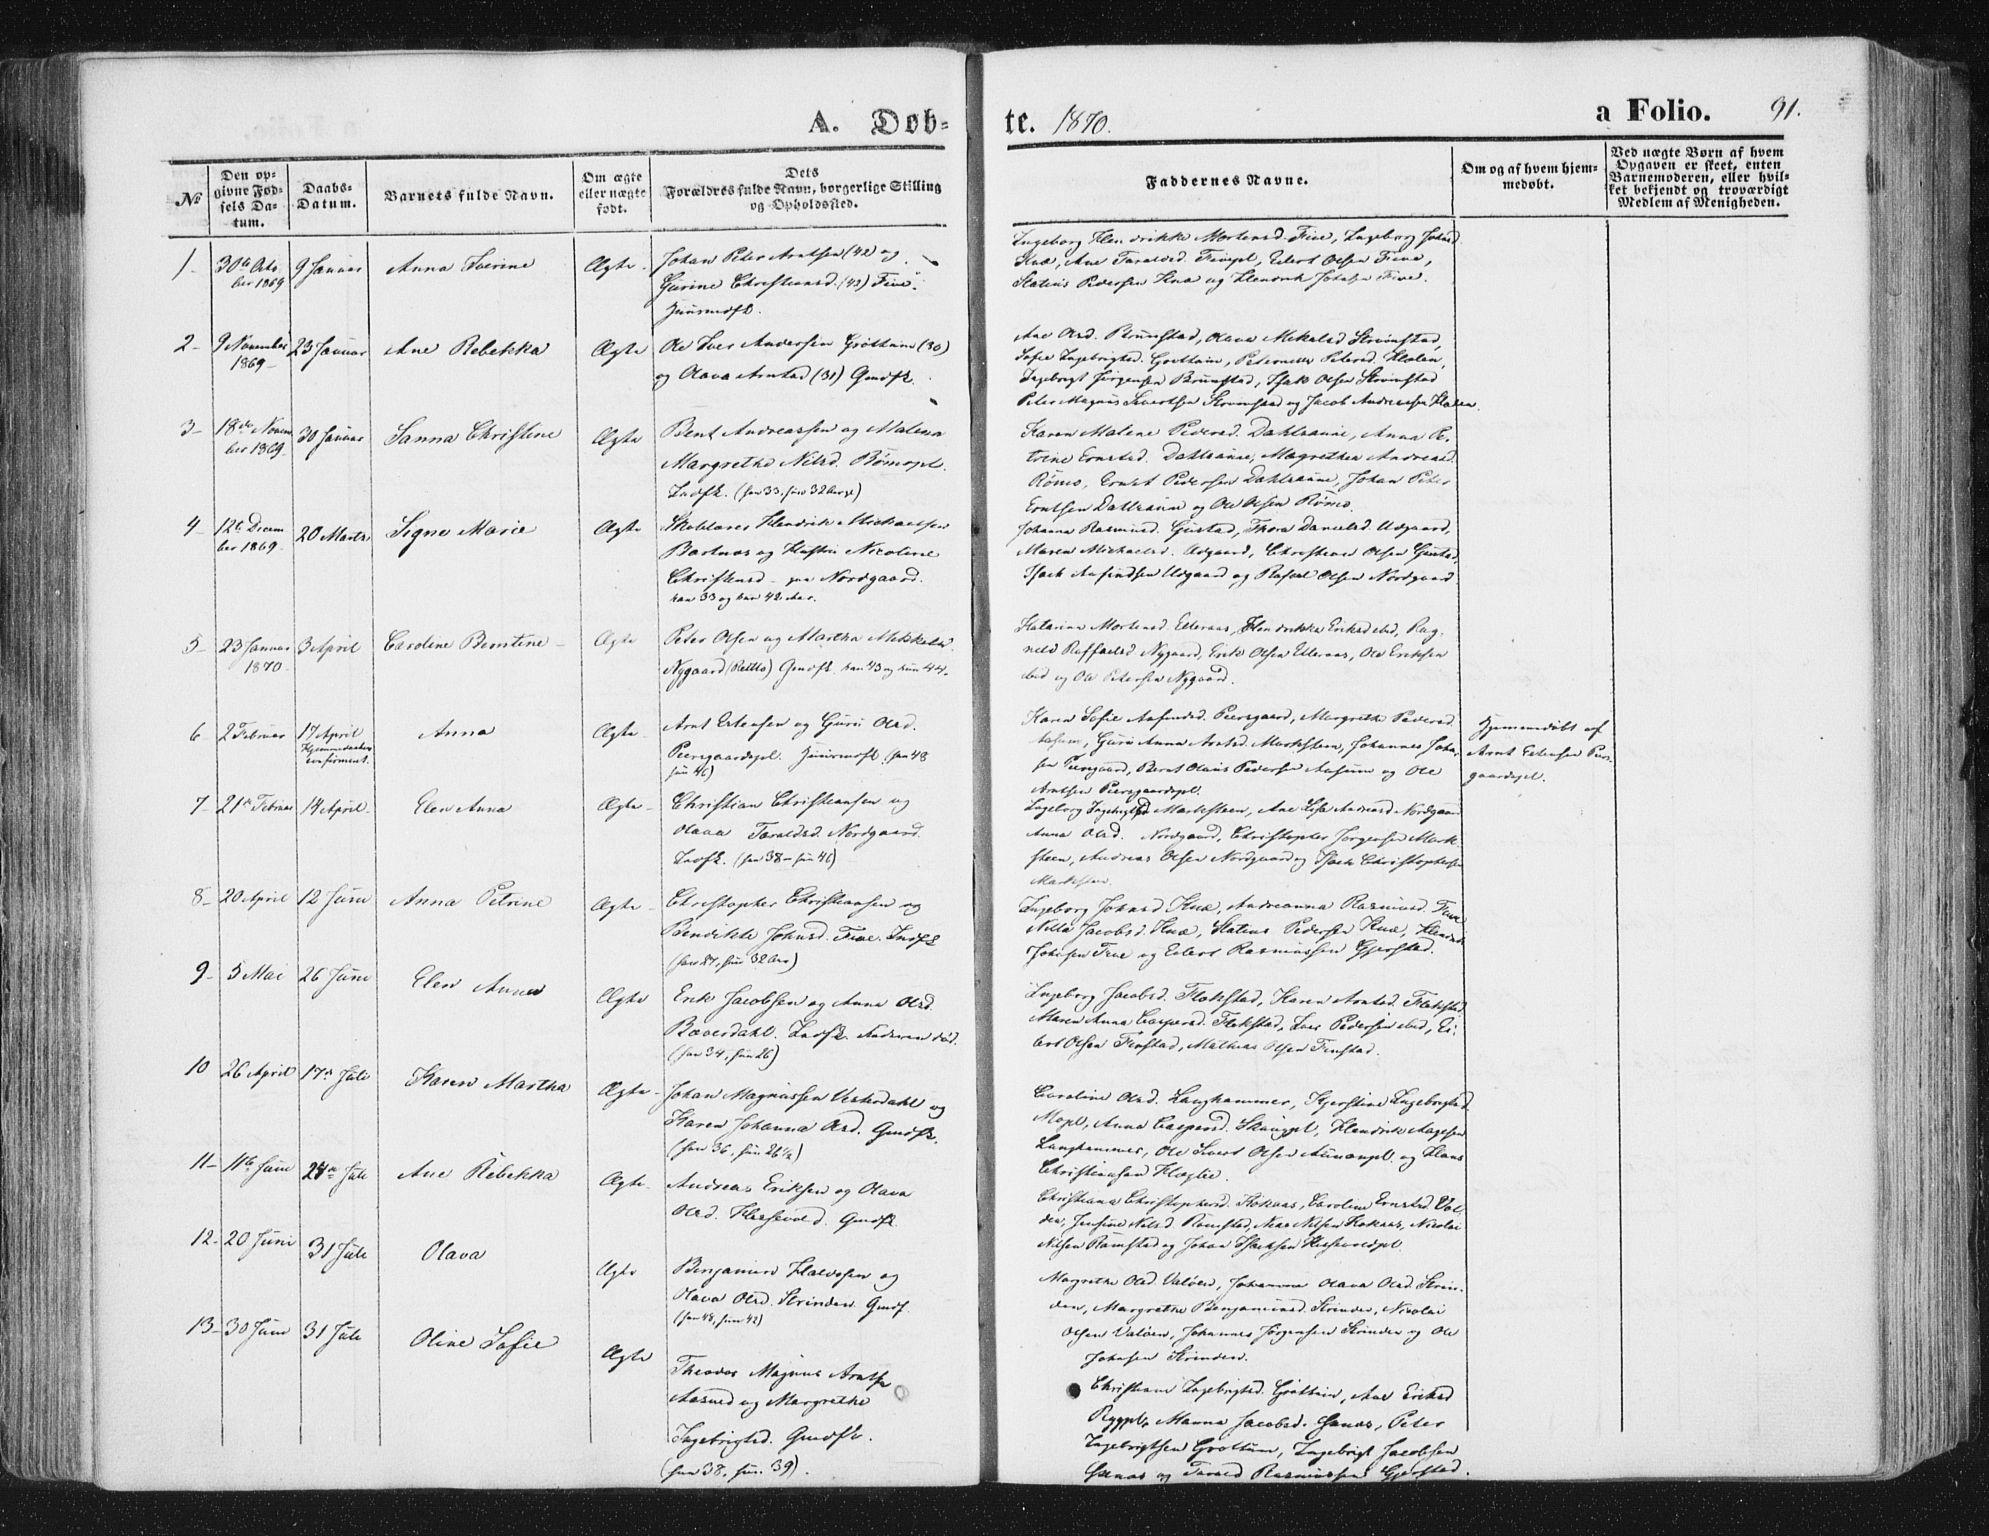 SAT, Ministerialprotokoller, klokkerbøker og fødselsregistre - Nord-Trøndelag, 746/L0447: Ministerialbok nr. 746A06, 1860-1877, s. 91